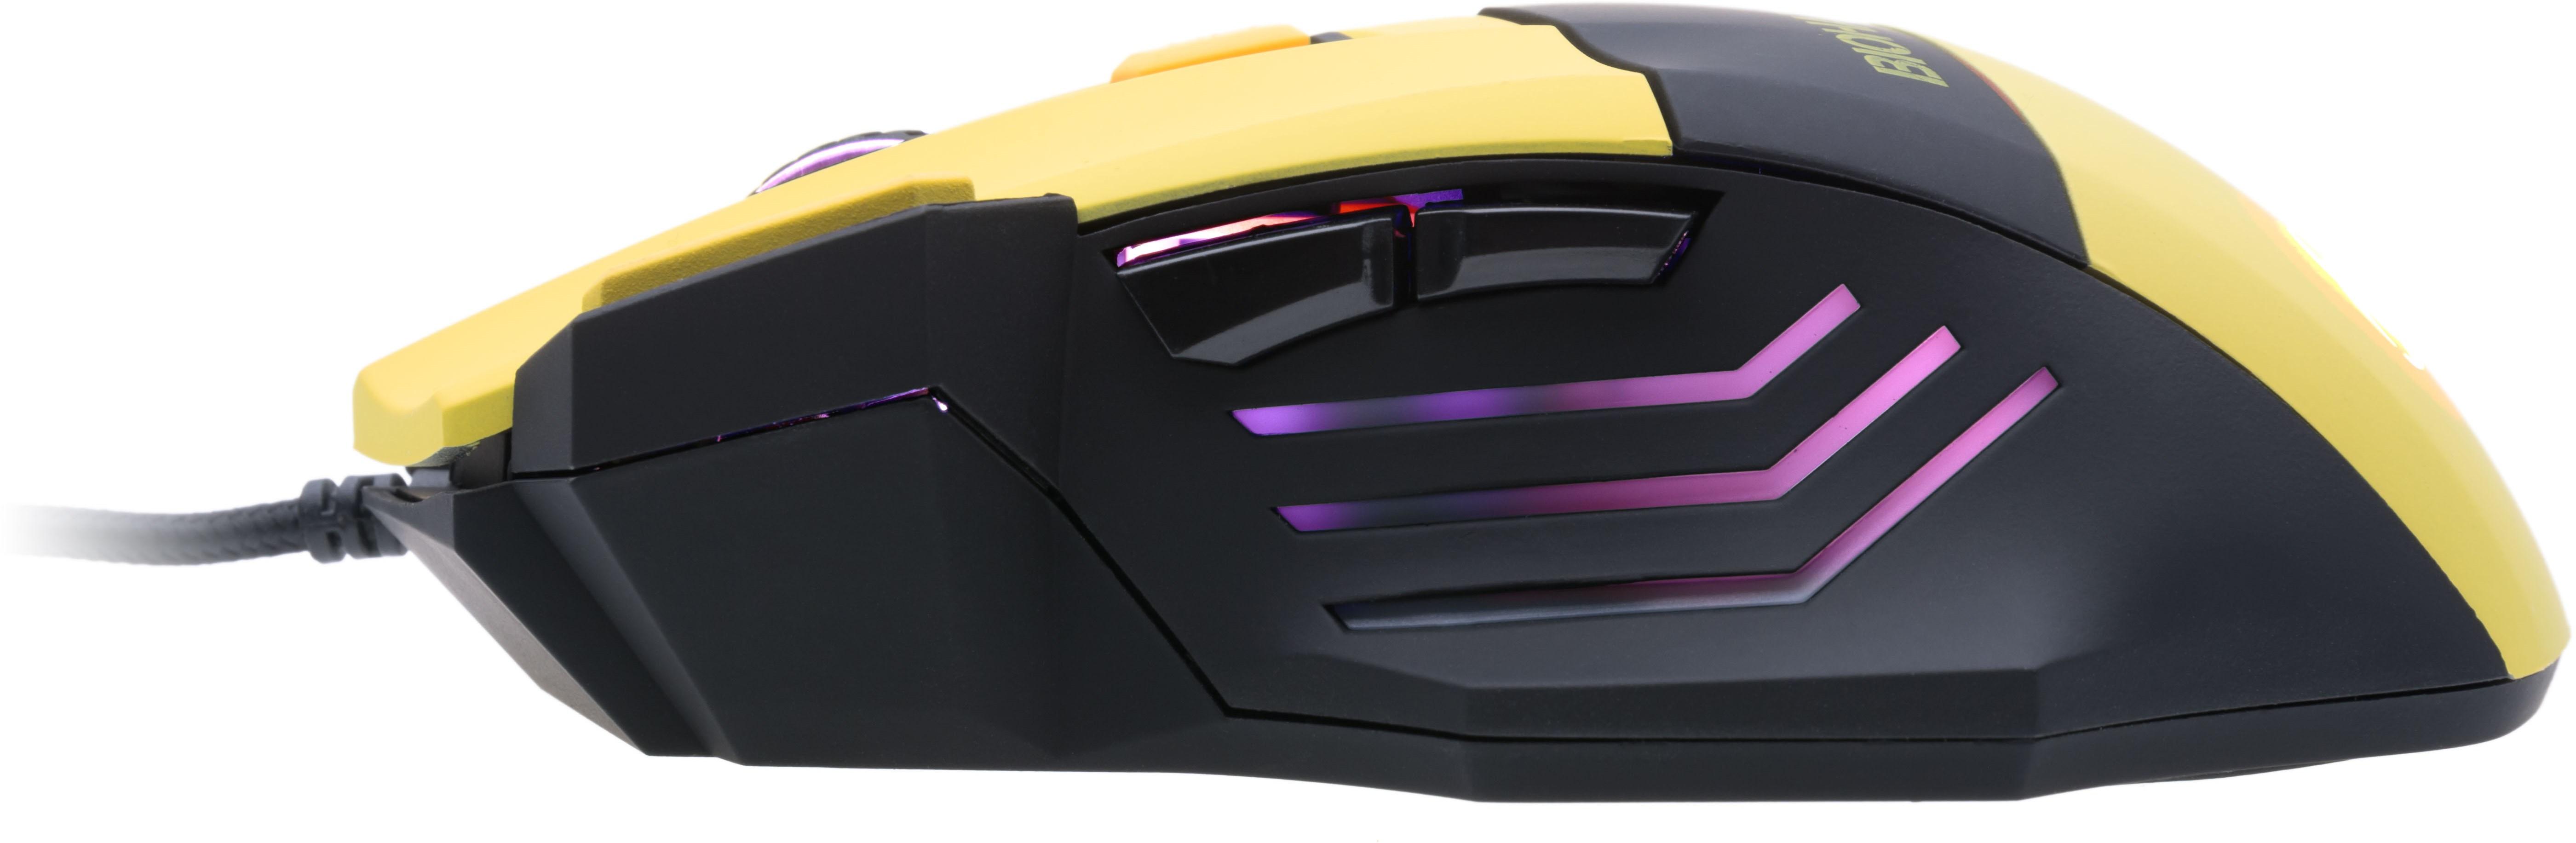 4 úrovně citlivosti, maximální citlivost 2500 DPI, 7 tlačítek, programovatelná tlačítka, pozlacený konektor, pogumovaný povrch, ergonomický tvar